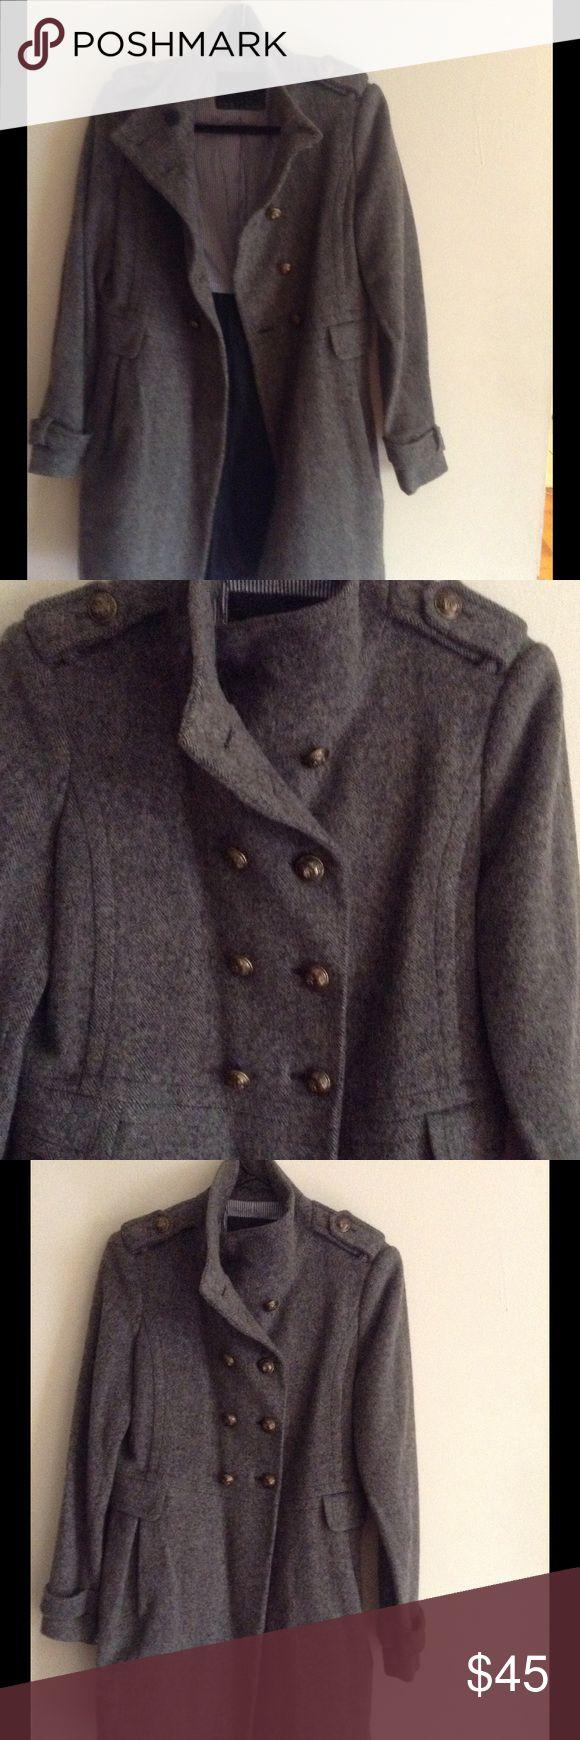 Zara Winter Coat Zara Winter Coat excellent condition Zara Jackets & Coats